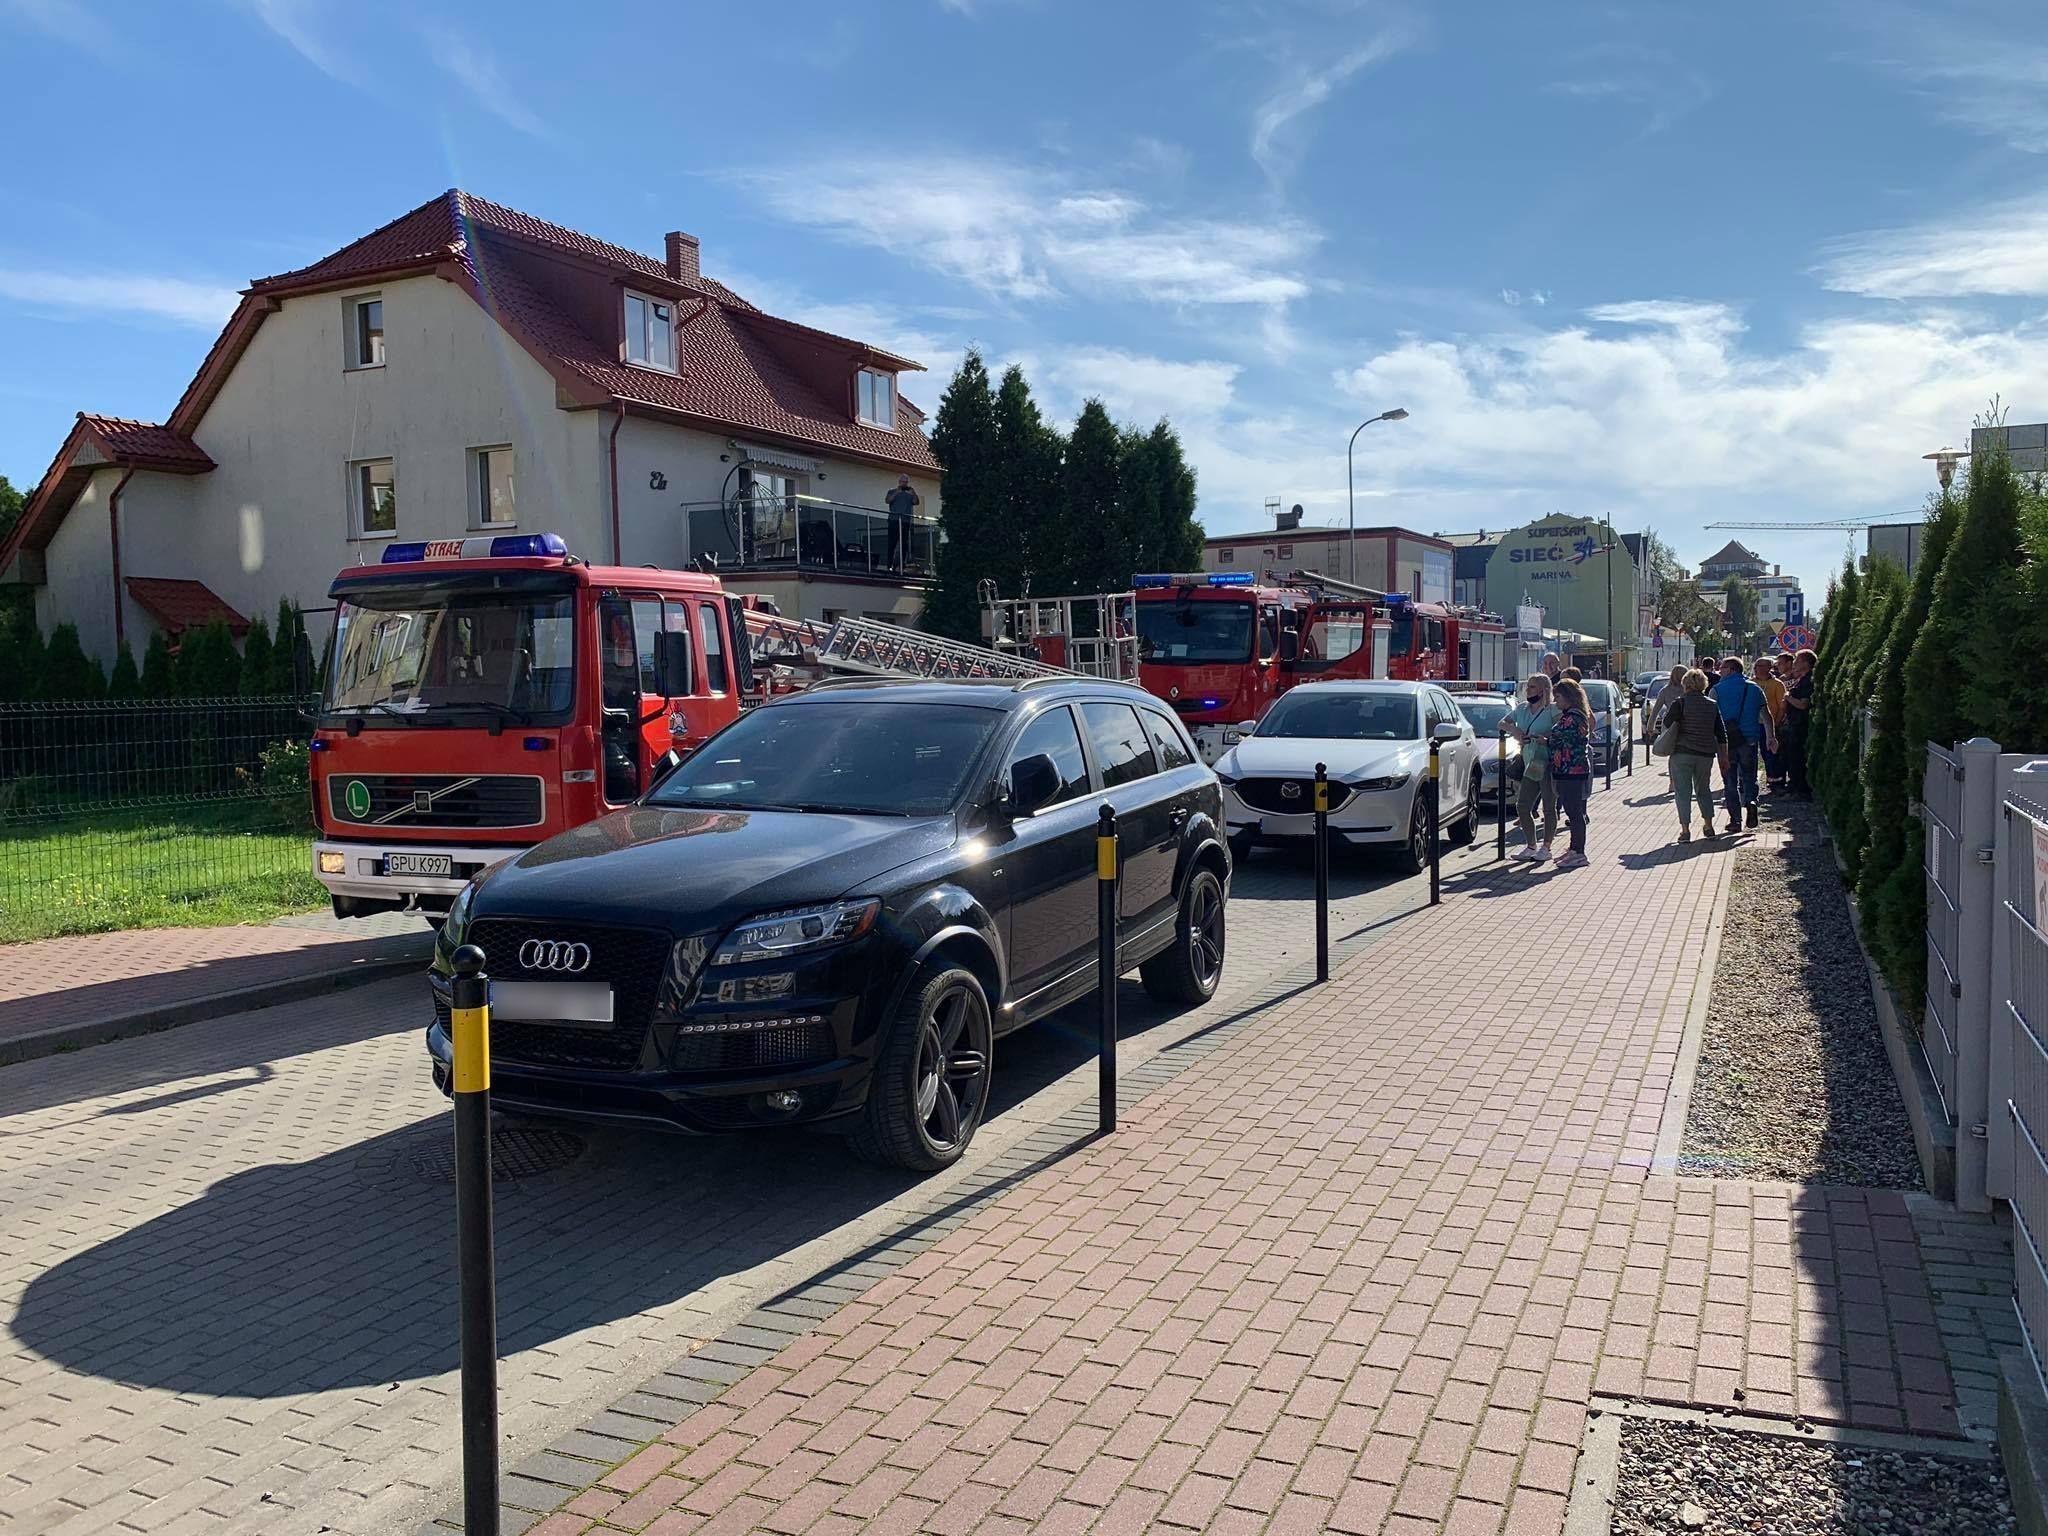 Pożar we Władysławowie: wstawił obiad na kuchenkę i zasnął | ZDJĘCIA